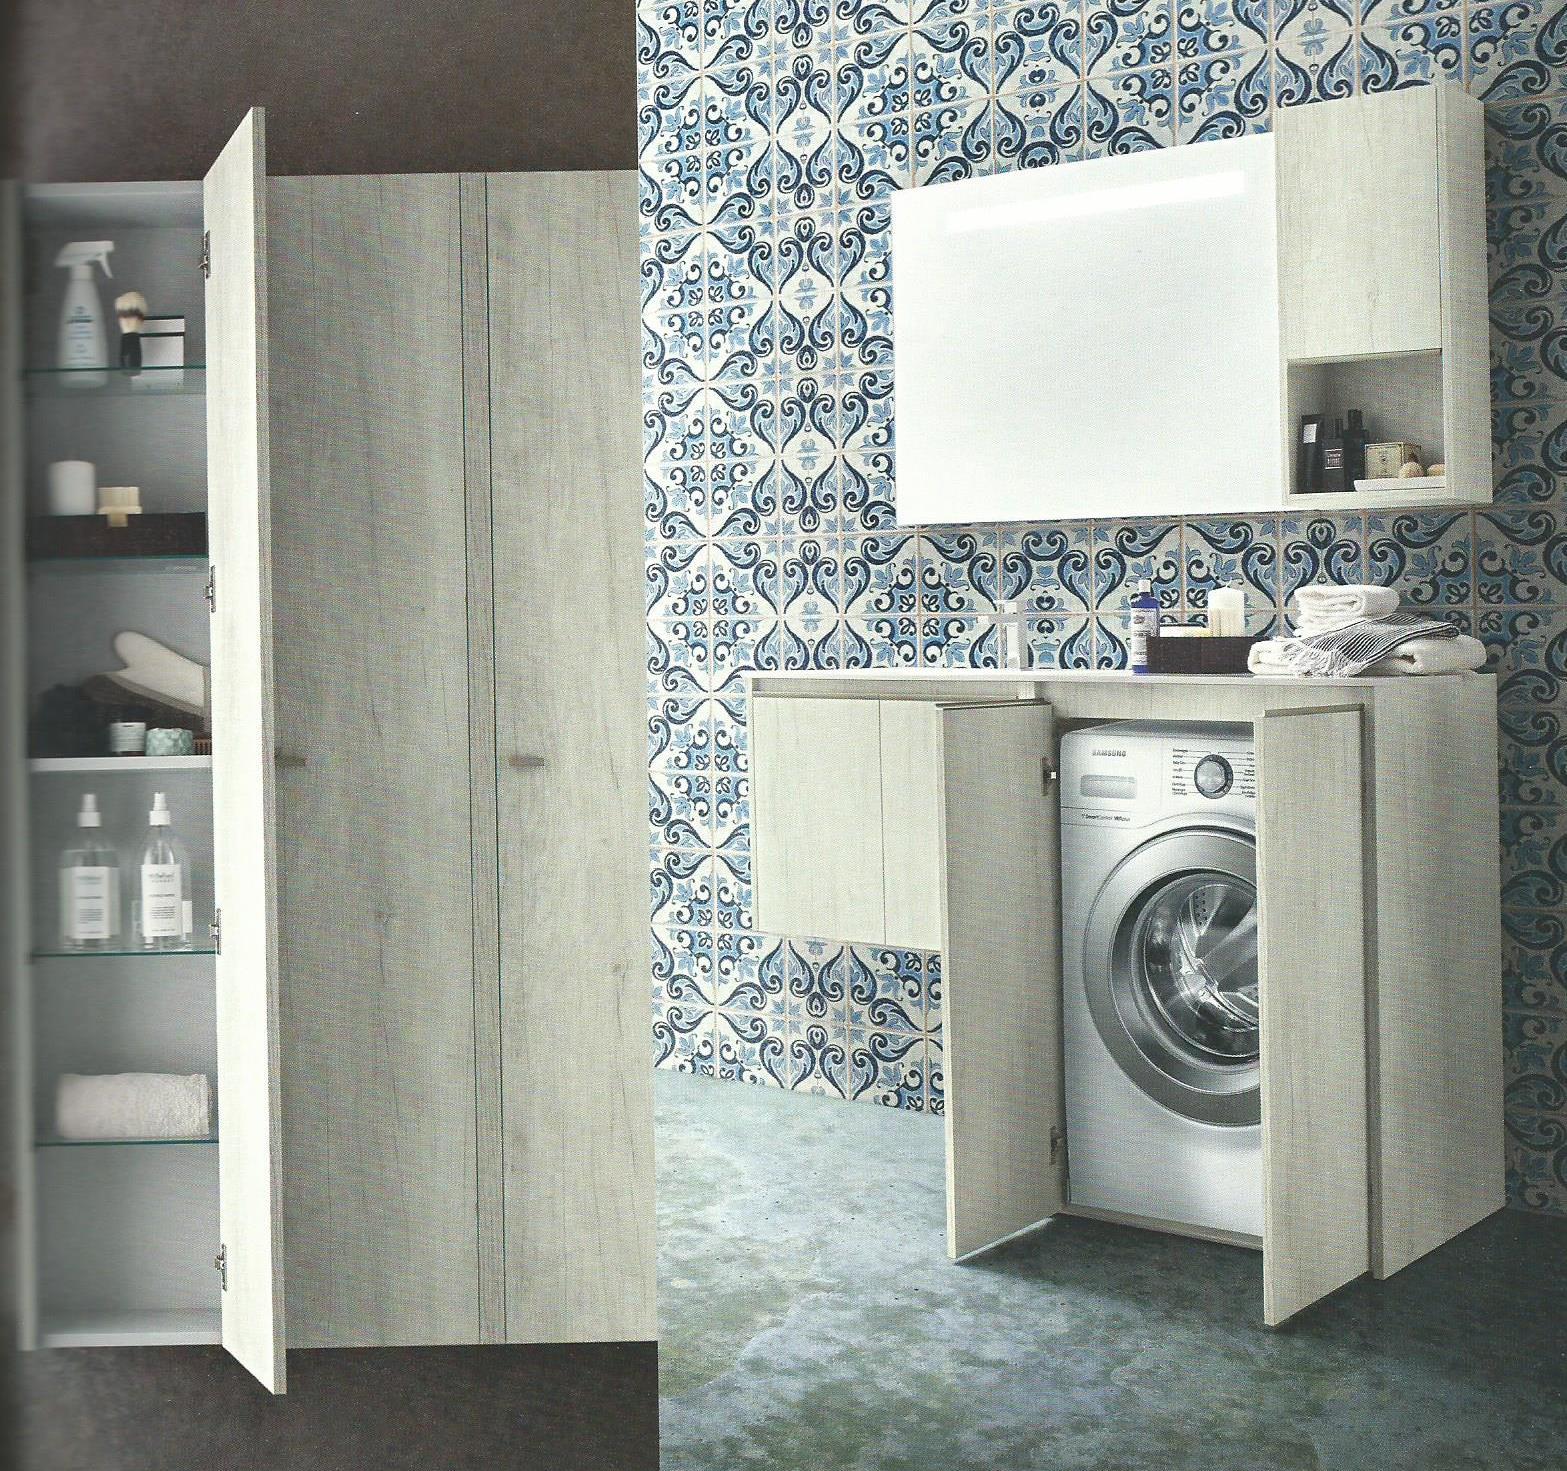 Mobile lavatrice e asciugatrice non solo mobili cucina - Mobile lavatrice asciugatrice ikea ...